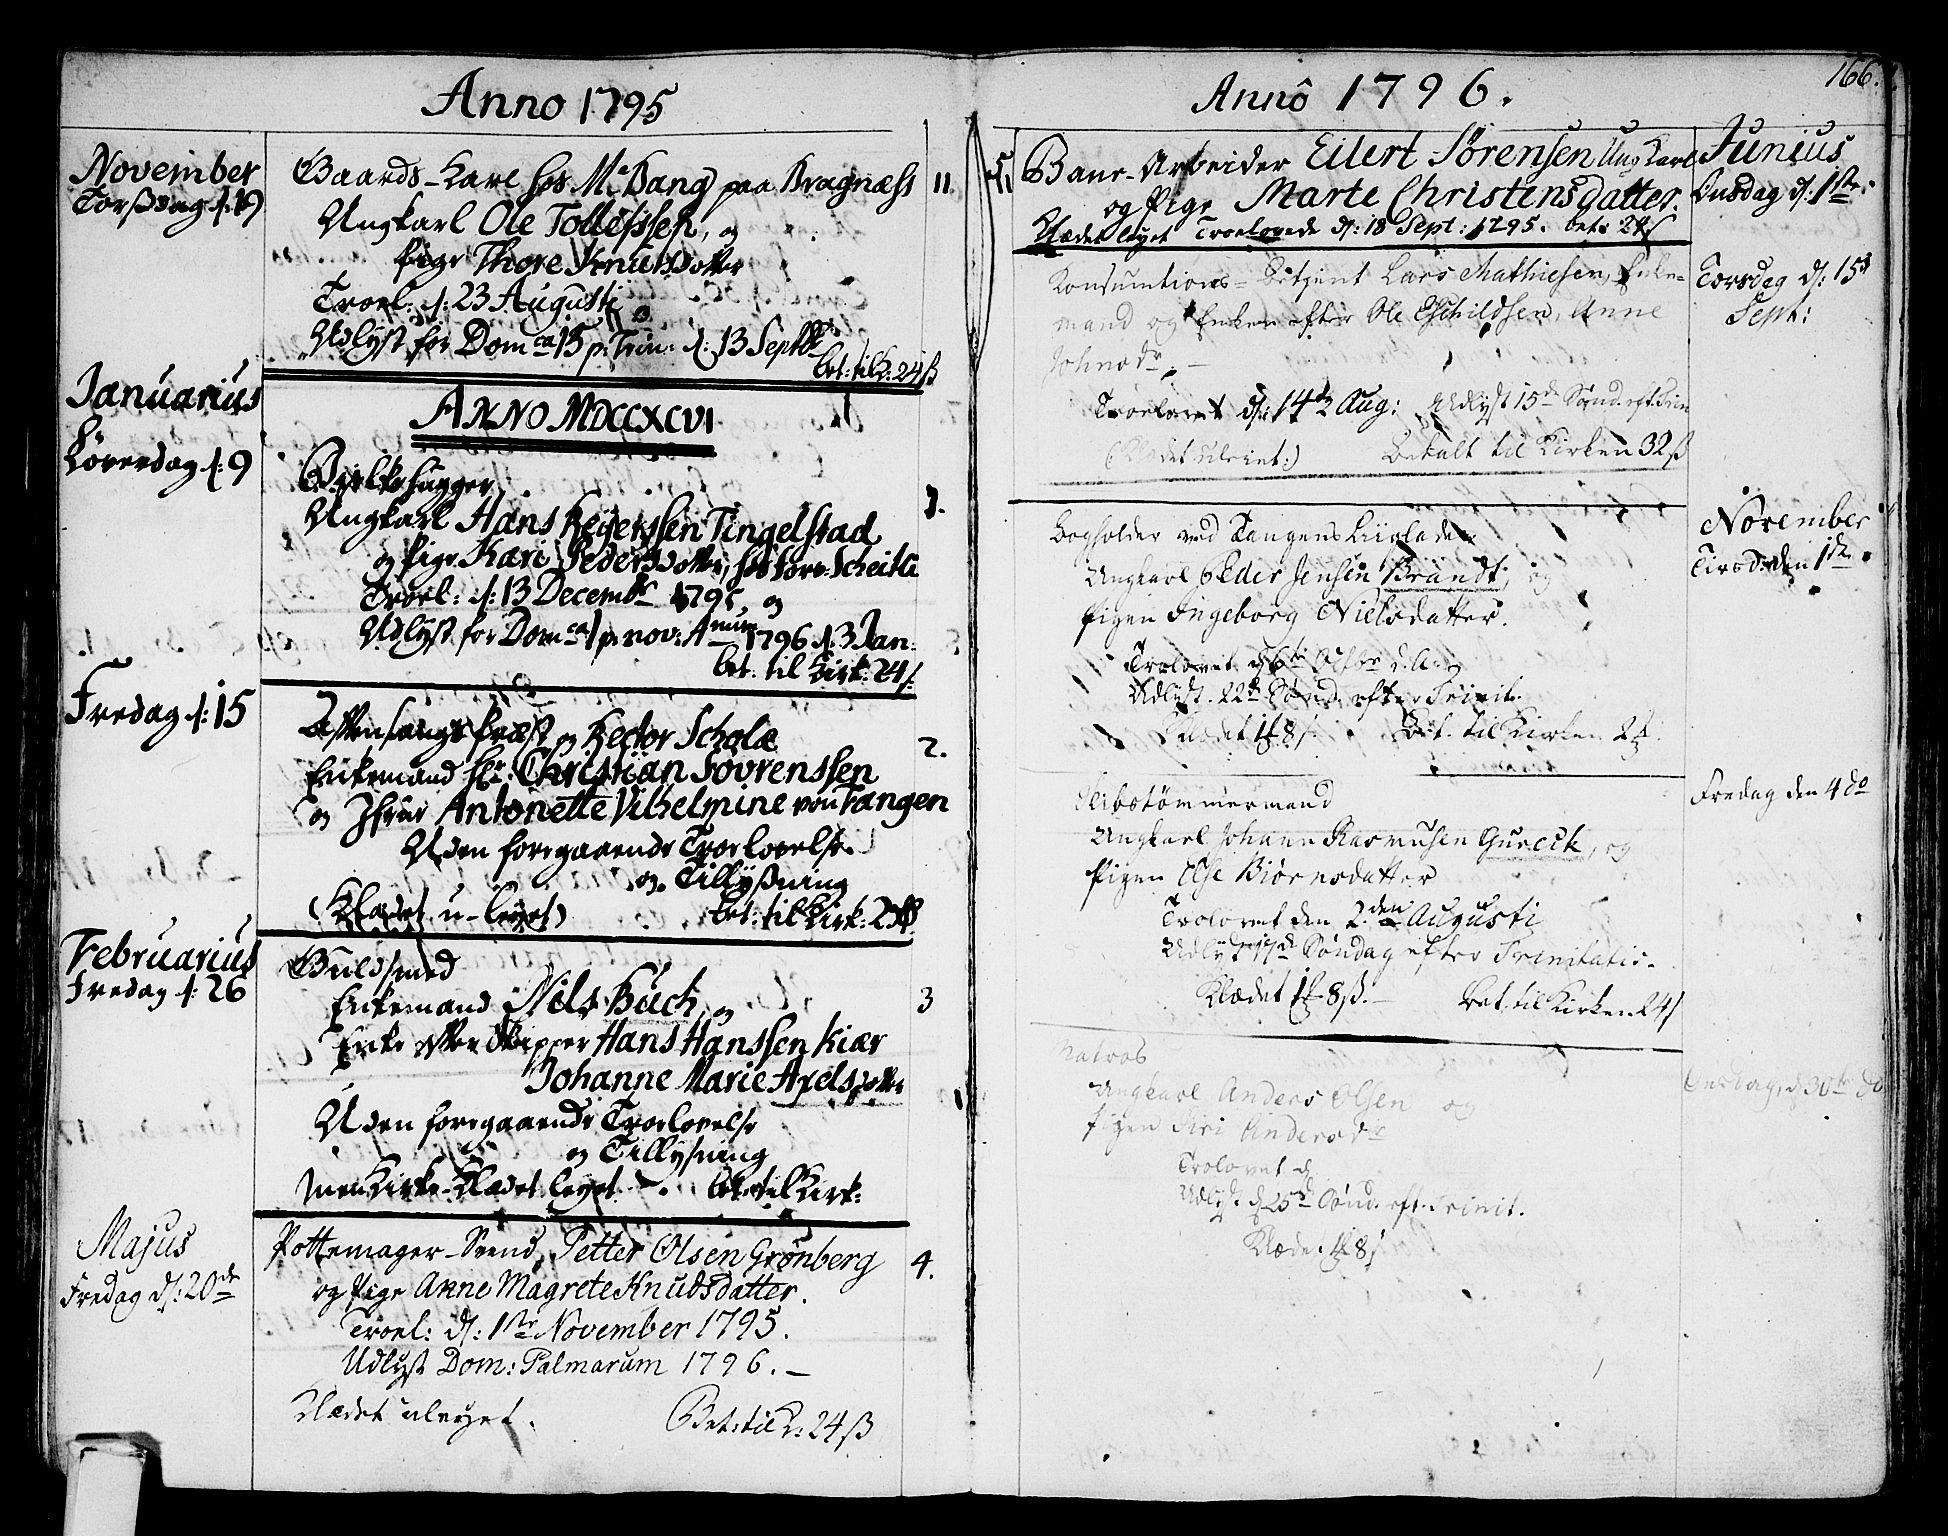 SAKO, Strømsø kirkebøker, F/Fa/L0010: Ministerialbok nr. I 10, 1792-1822, s. 166